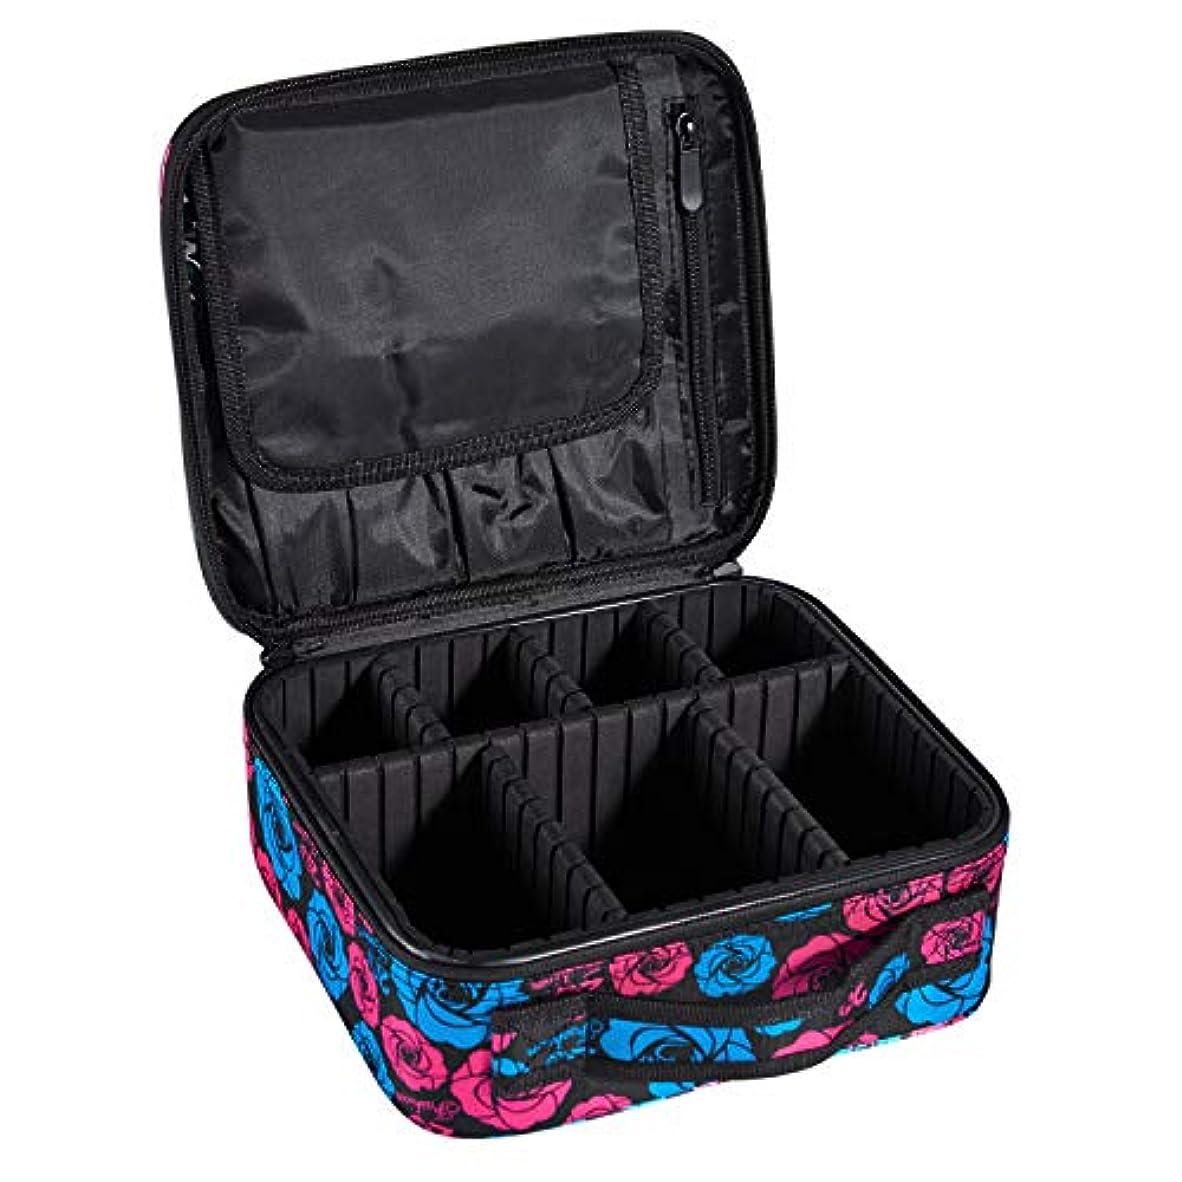 失マーティンルーサーキングジュニア副産物ArcEnCiel プロ用 メイクボックス メイクブラシ 化粧道具 小物収納 大容量 化粧箱